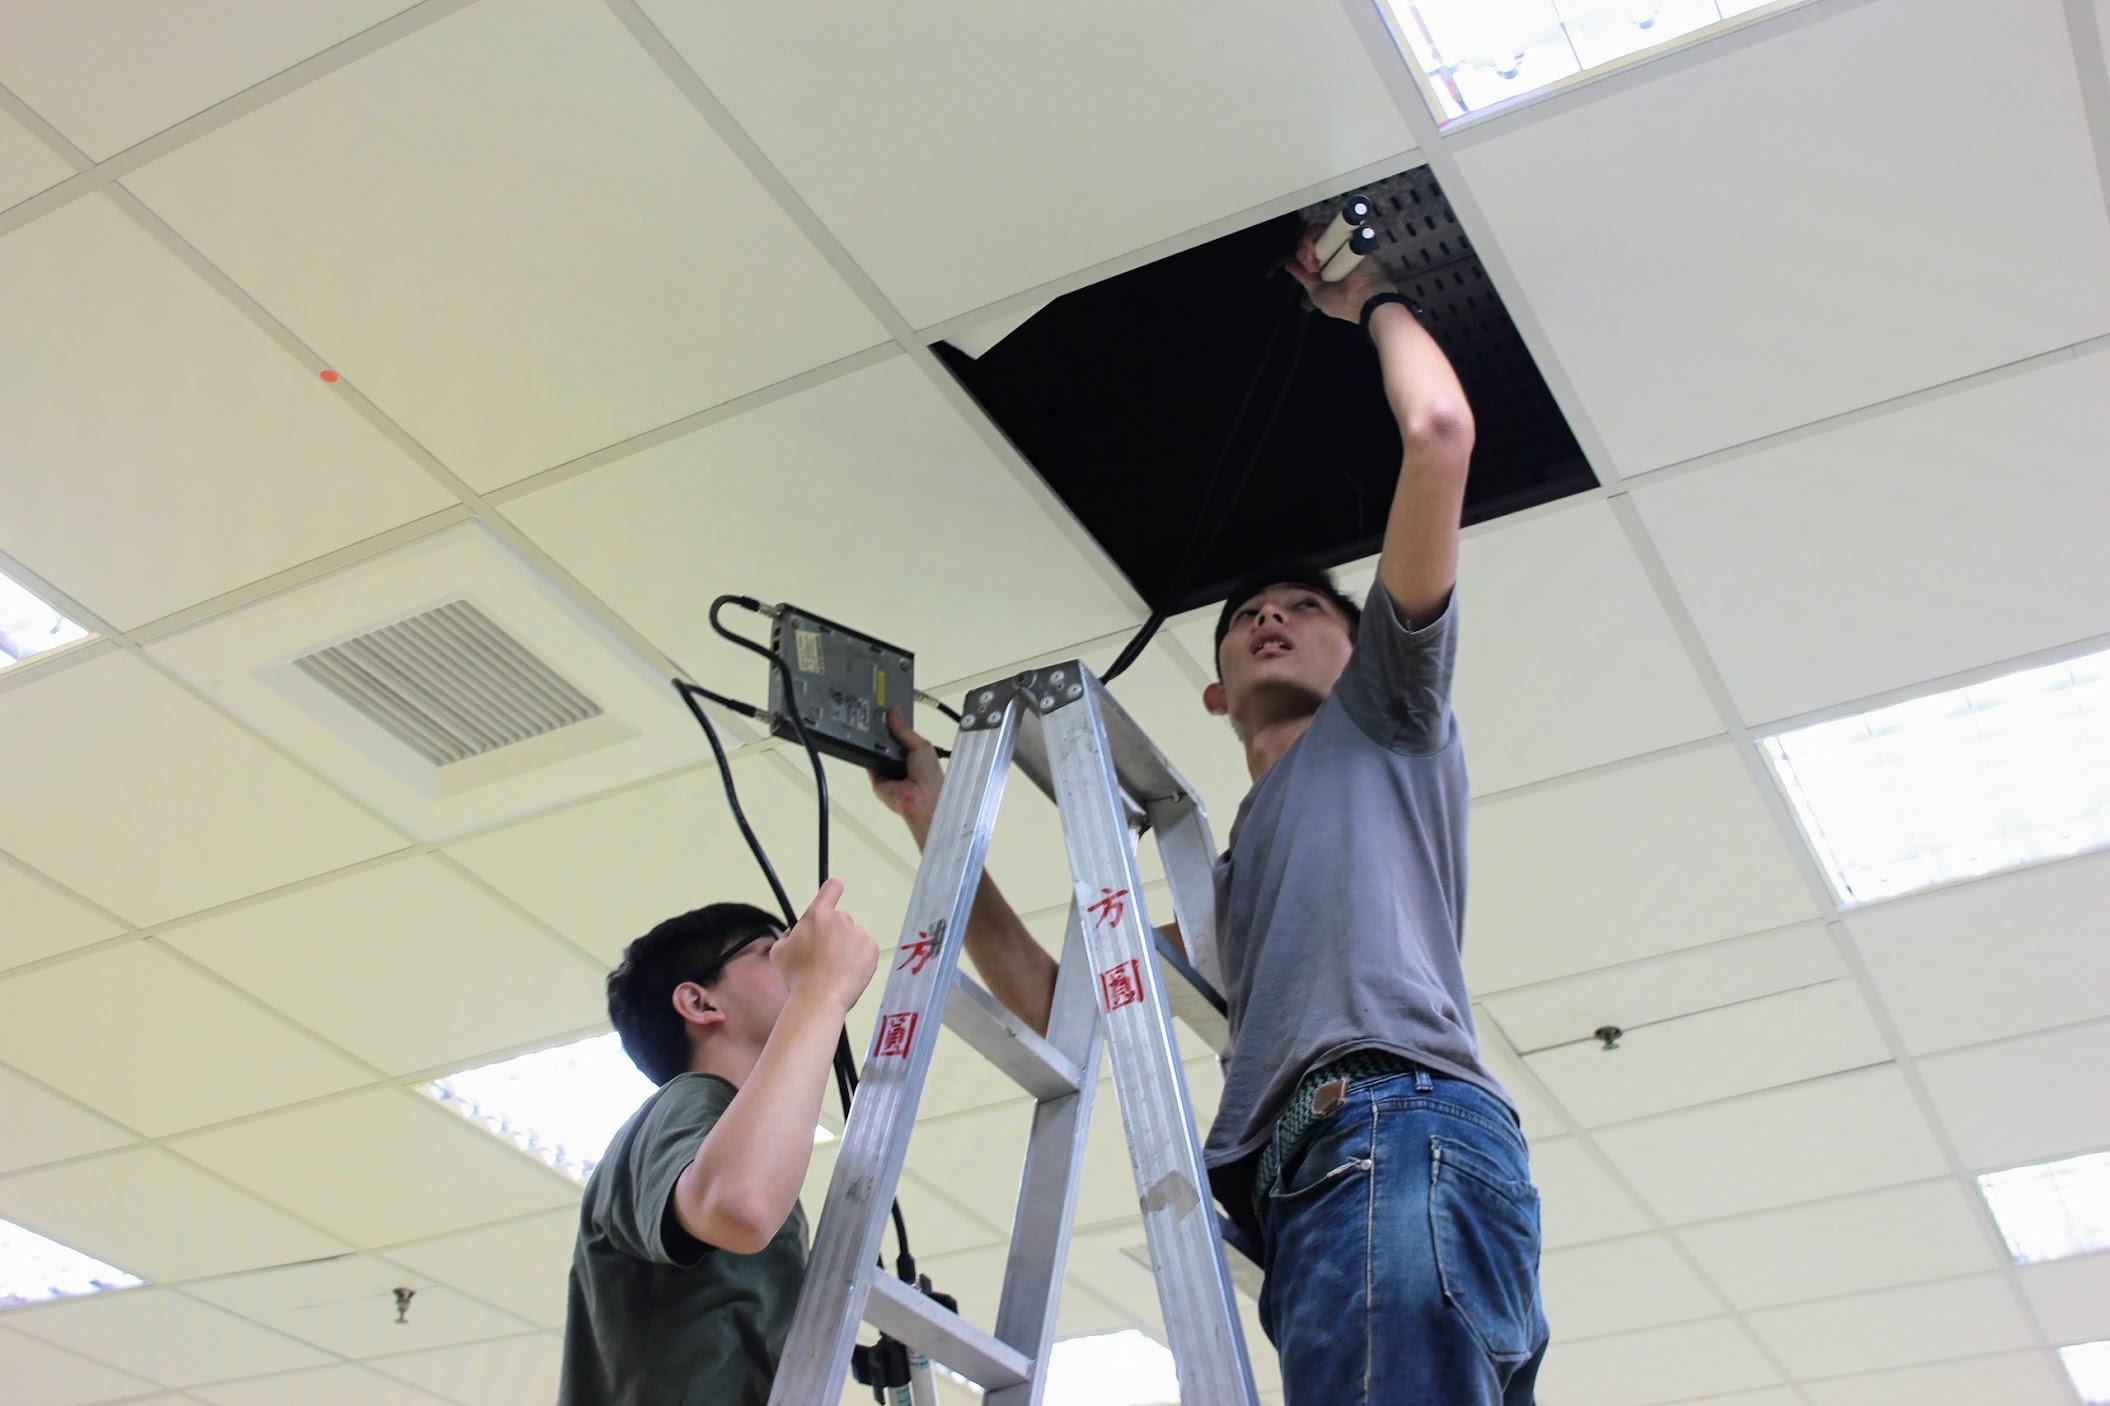 由於無線網路是會場上重點之一,所以要安裝好無線基地臺和天線...